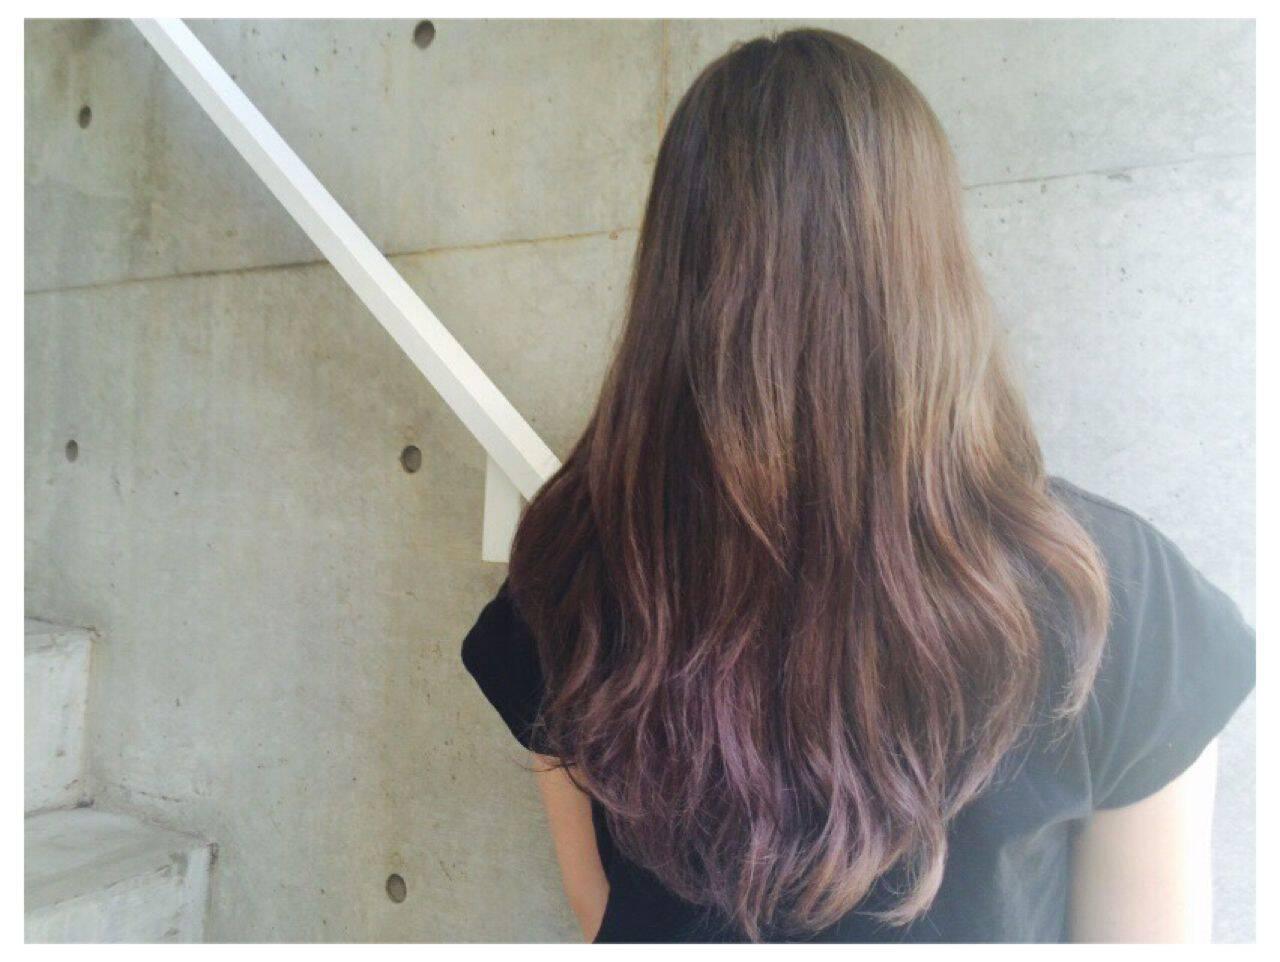 ラベンダーアッシュ ストリート グラデーションカラー ロングヘアスタイルや髪型の写真・画像